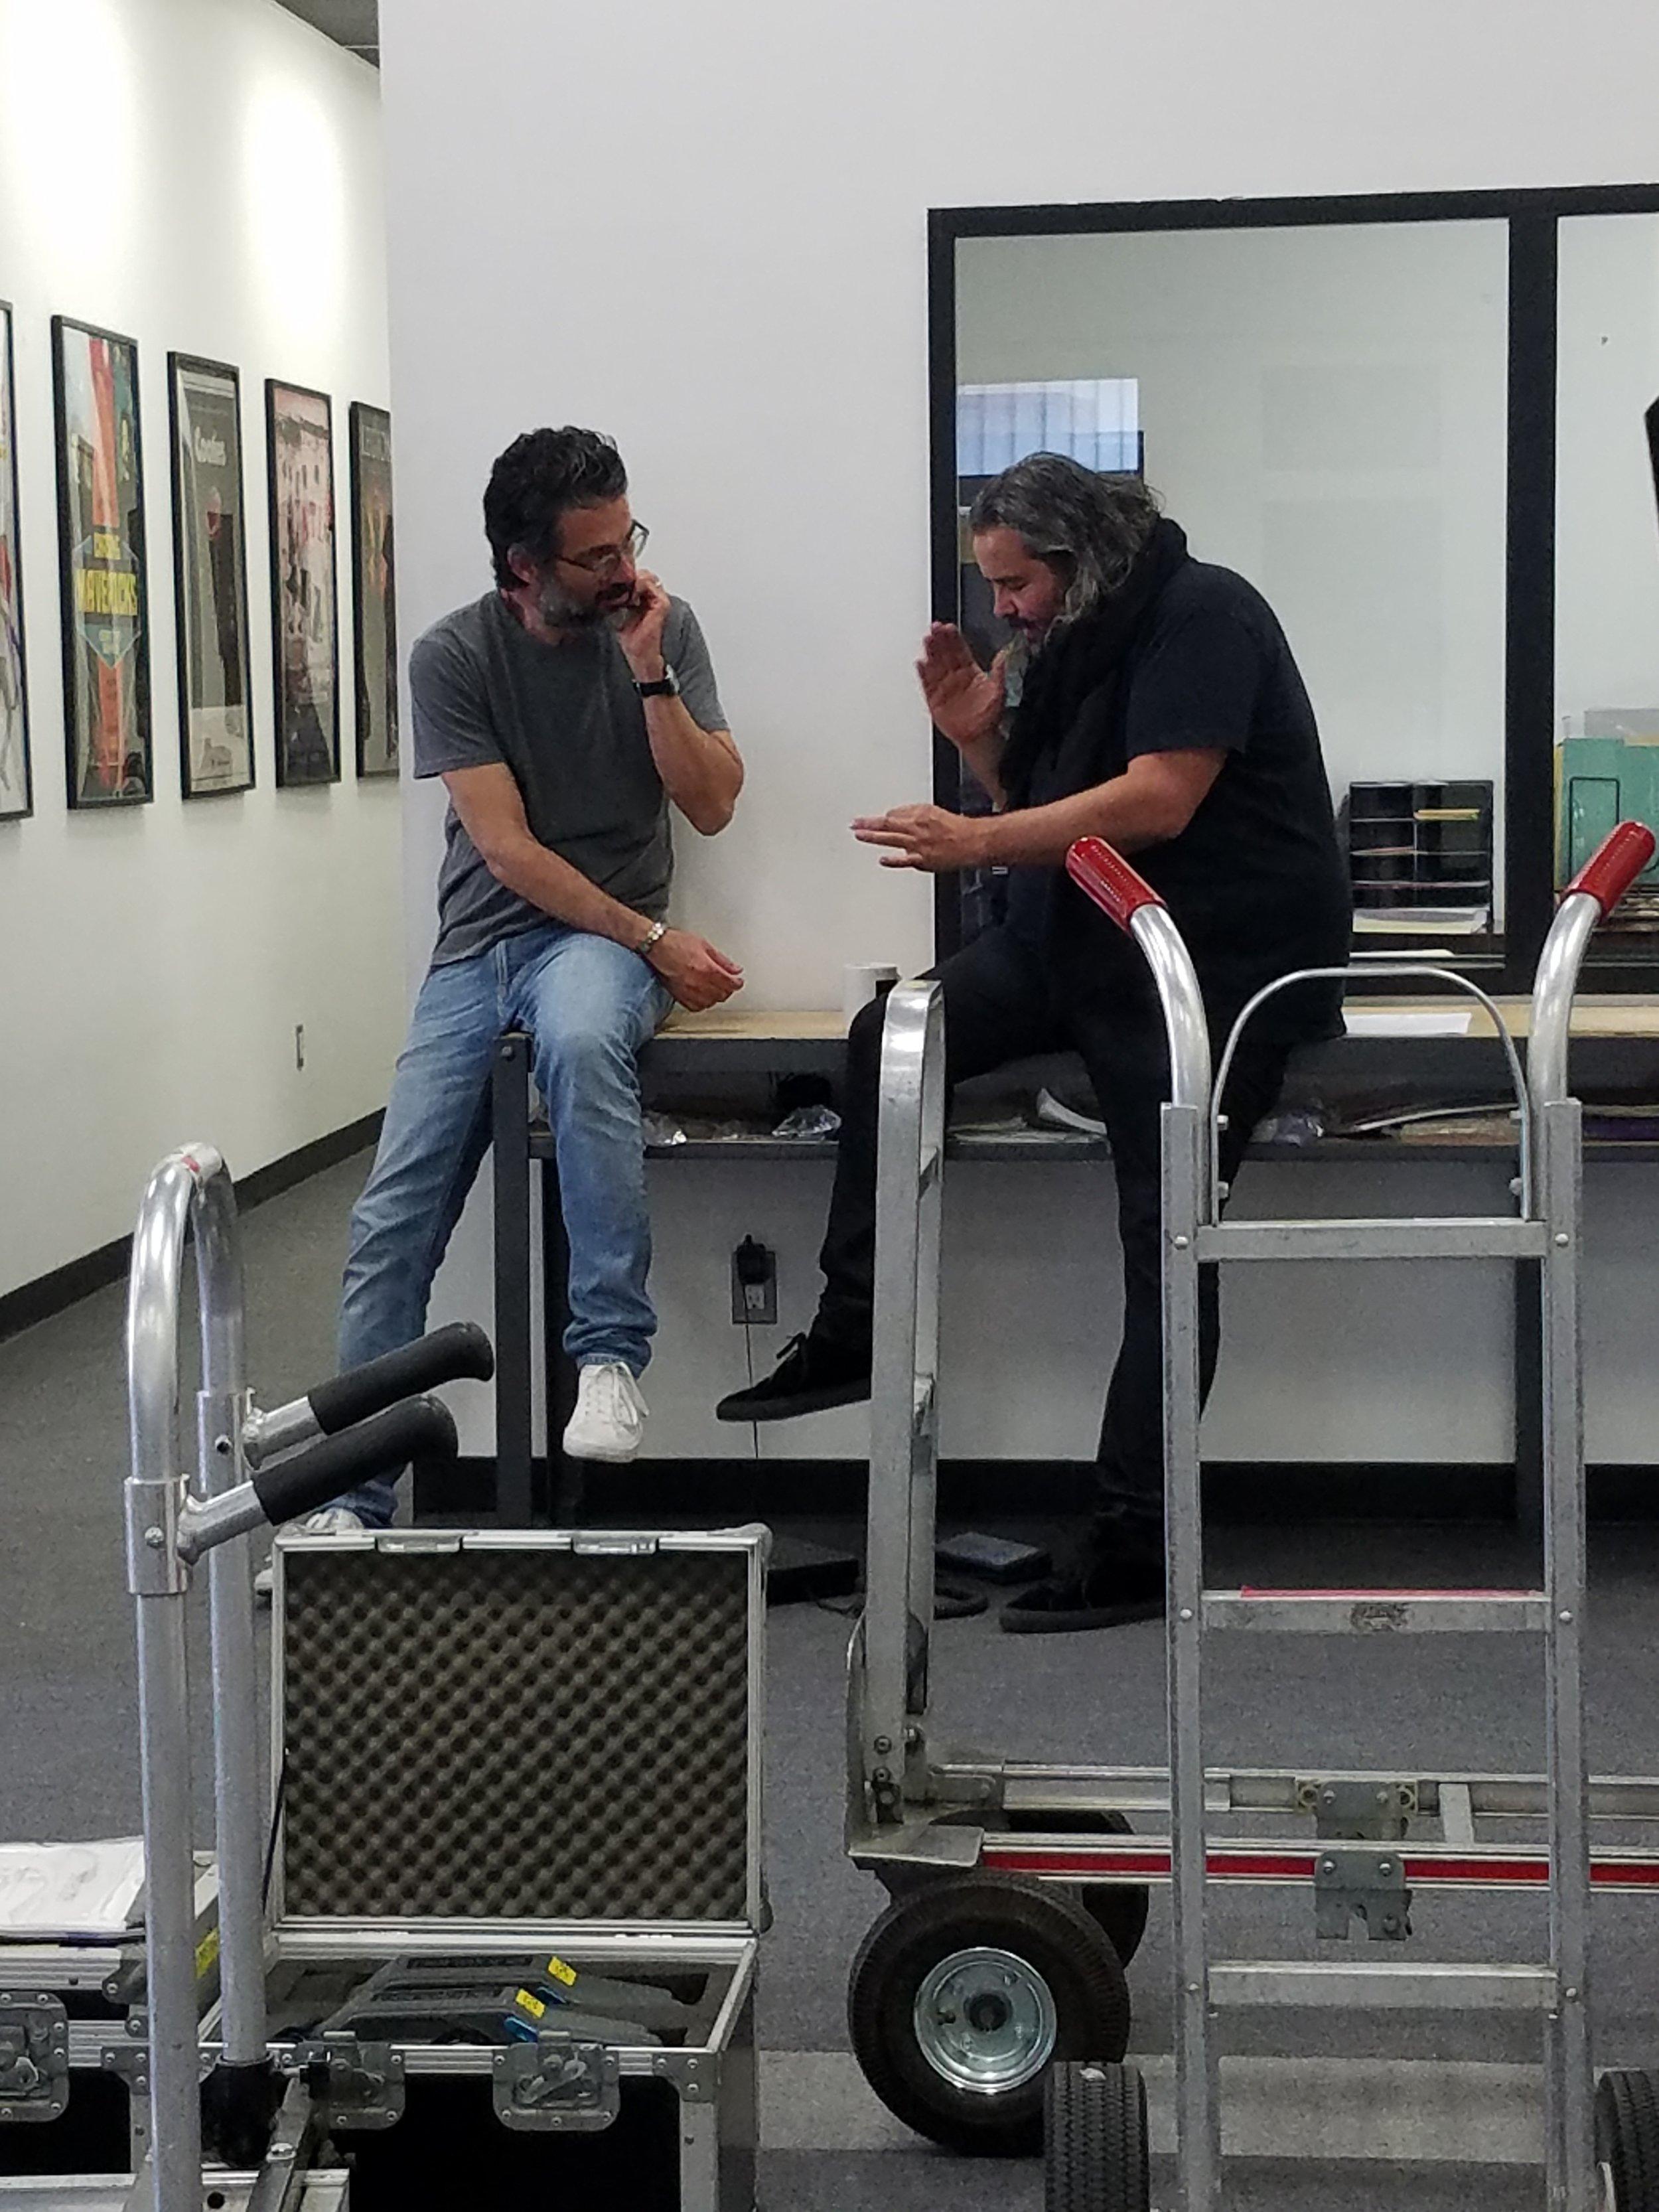 Camtec President Kavon Elhami, and Oscar nominated cinematographer Hoyte Van Hoytema, ASC, FSF, NSC talk shop at Camtec